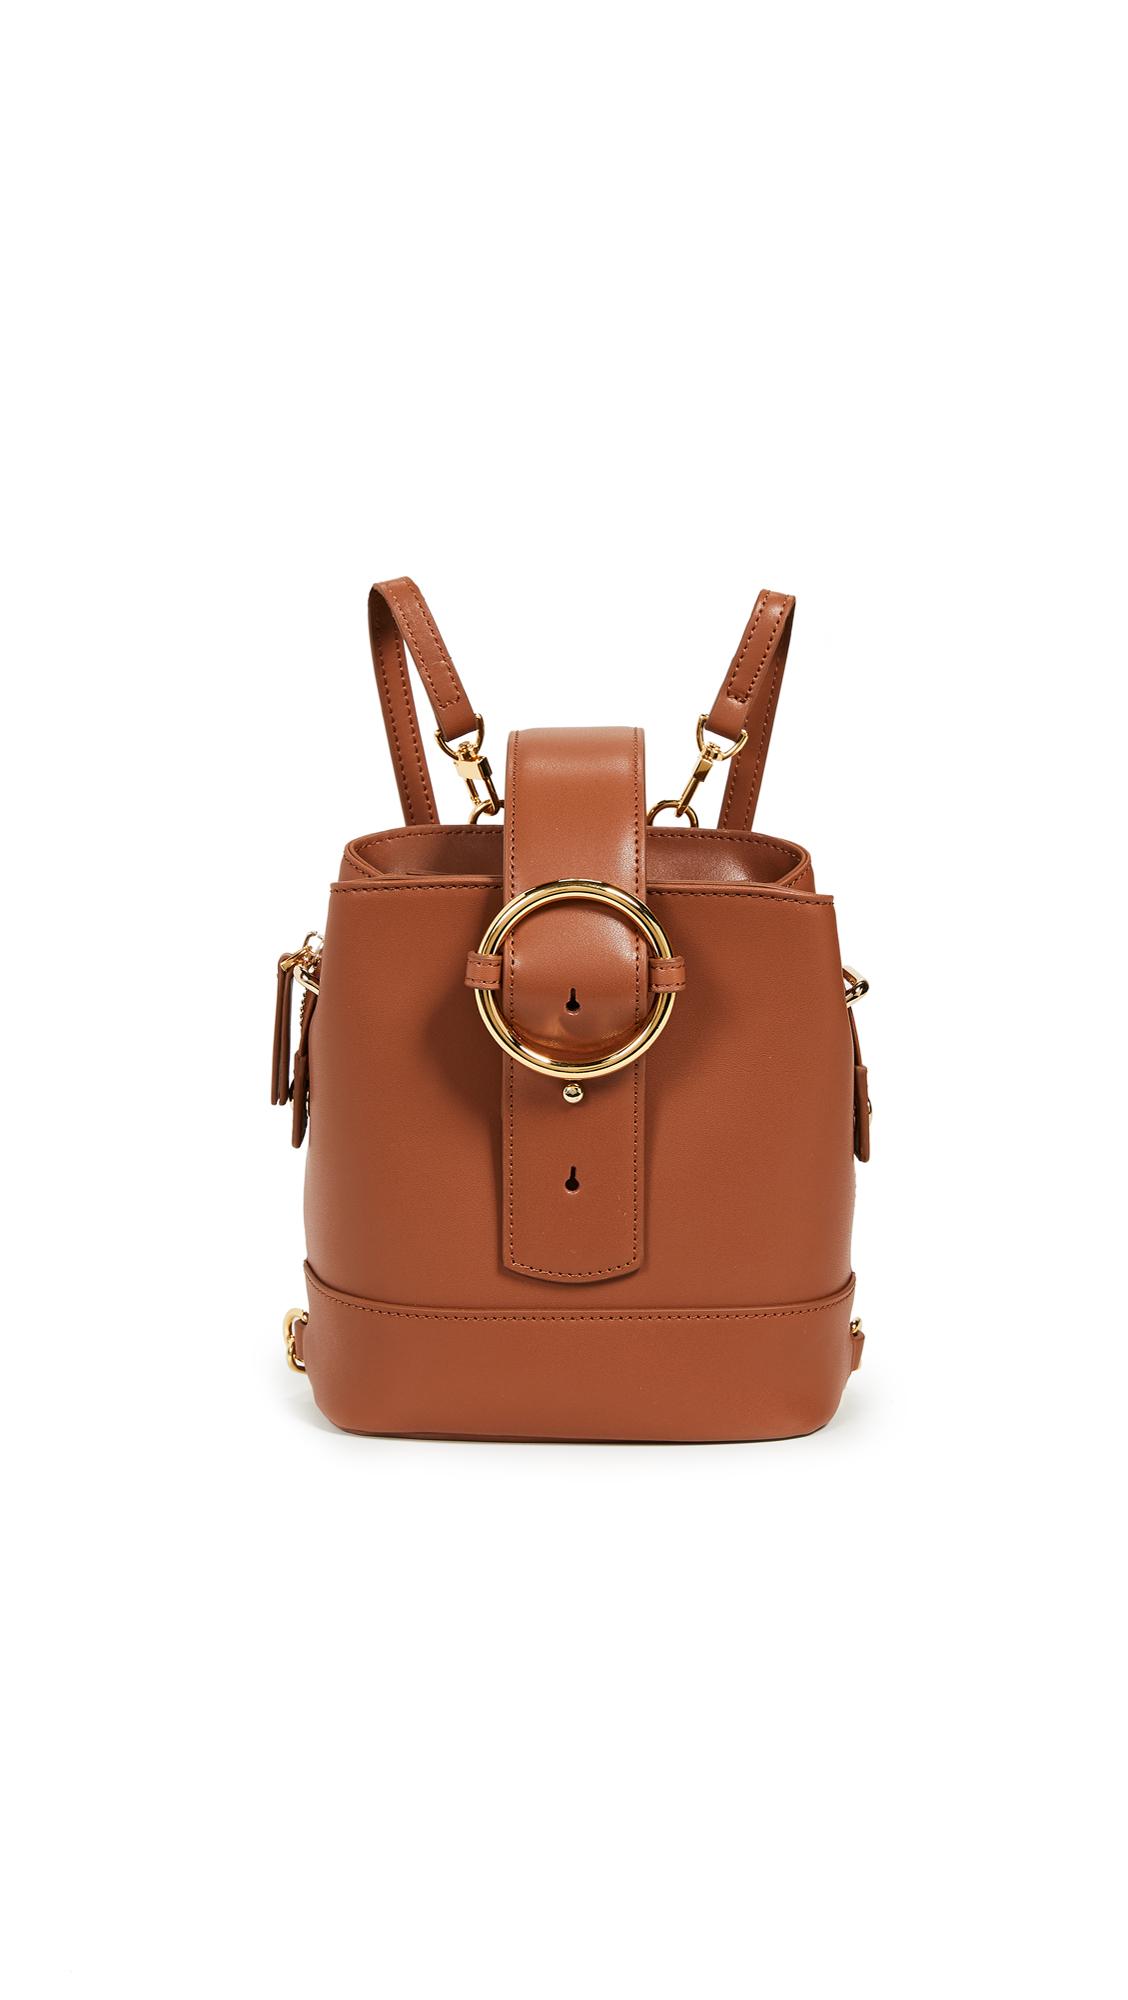 PARISA WANG Addicted Mini Backpack in Brown